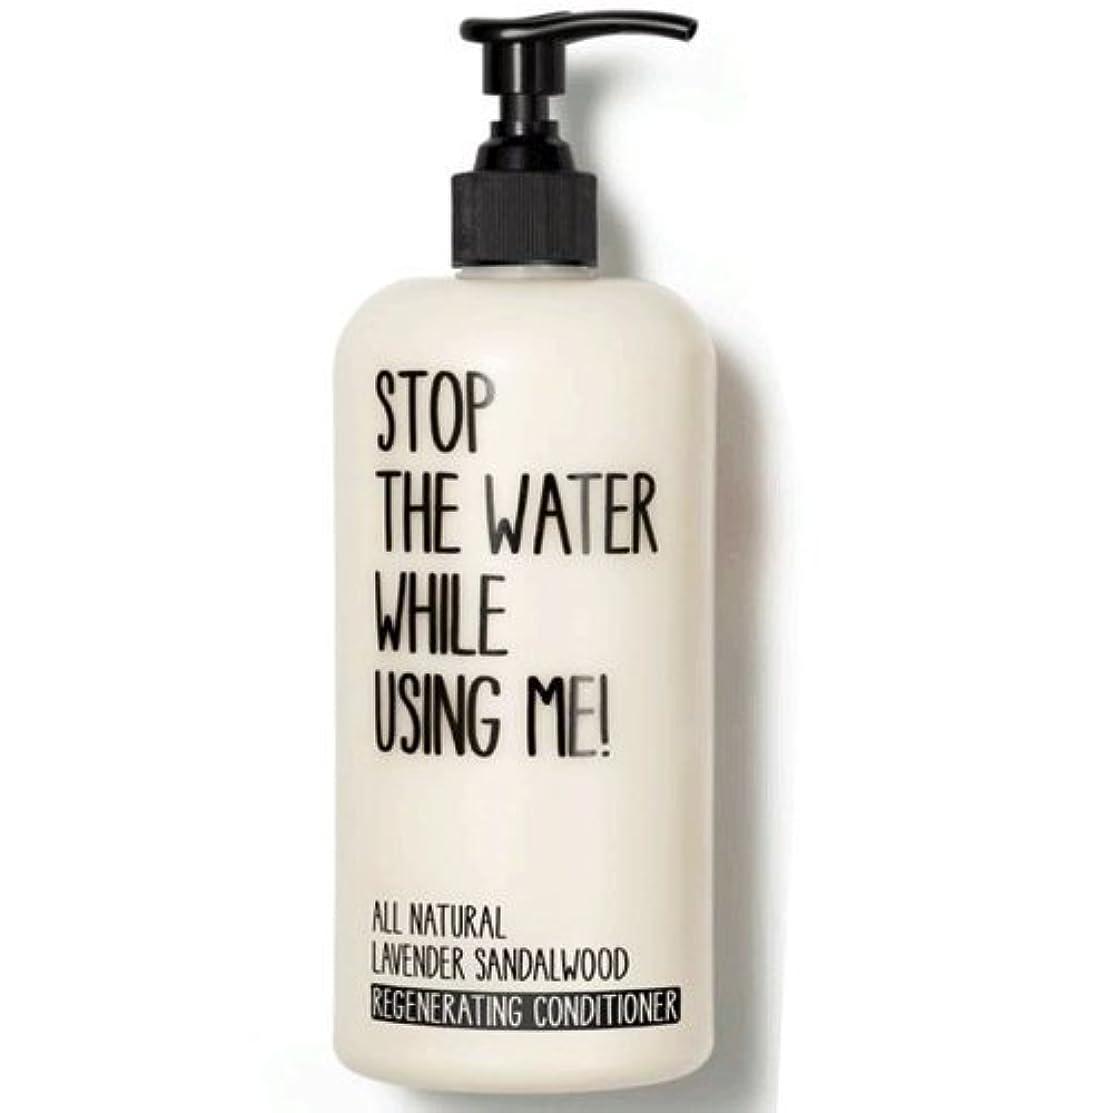 距離飛行機ビジネス【STOP THE WATER WHILE USING ME!】L&Sコンディショナー (ラベンダー&サンダルウッド) 500ml [並行輸入品]